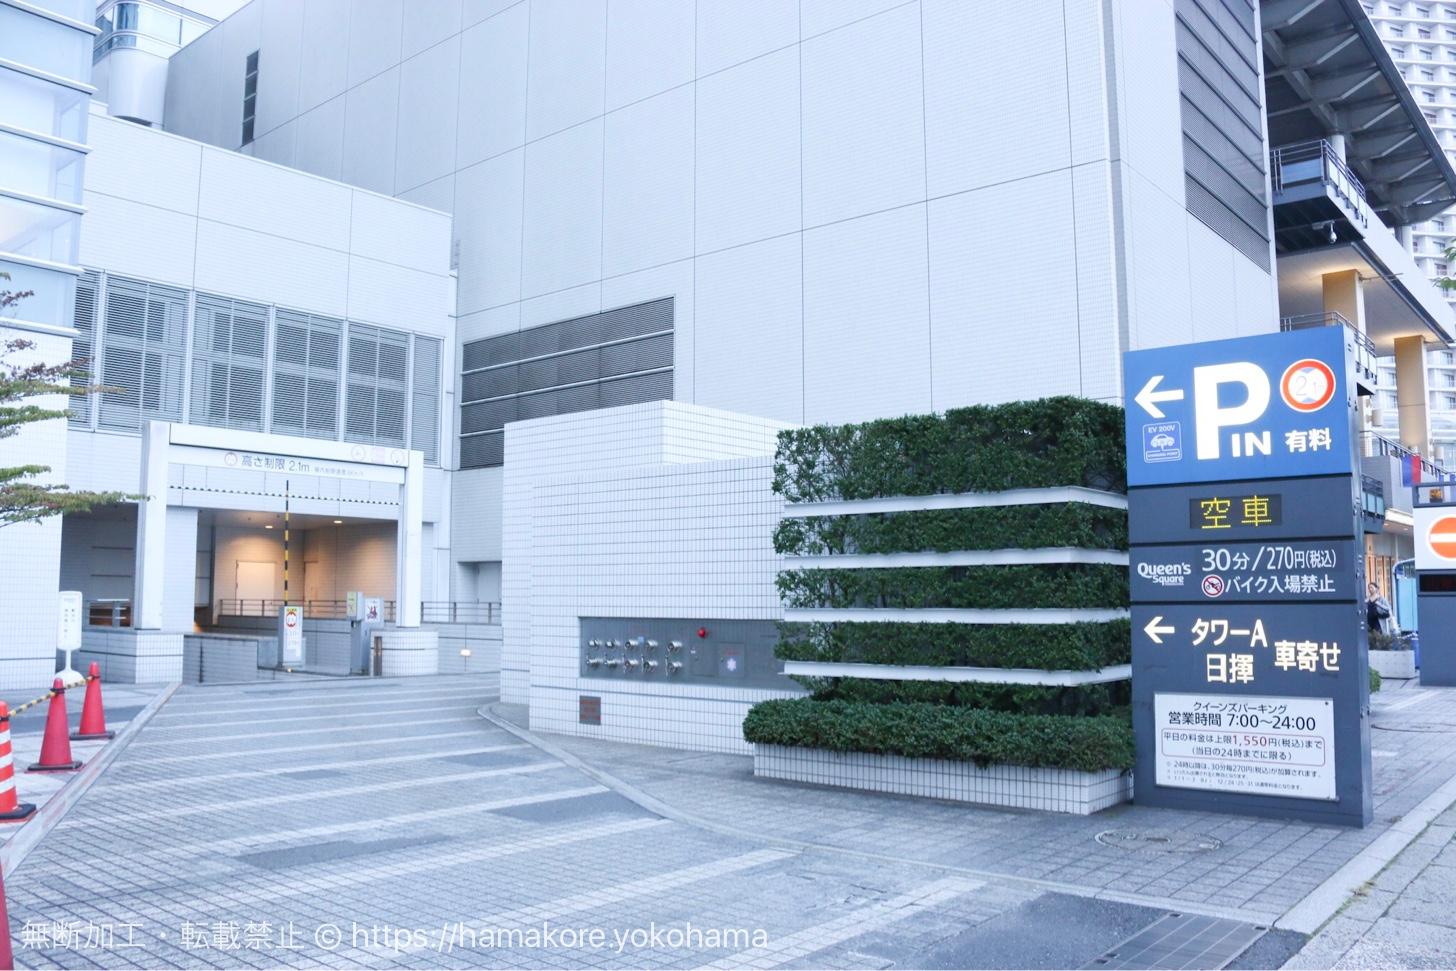 横浜みなとみらい 大型主要駐車場の場所・料金 一覧!提携施設も掲載